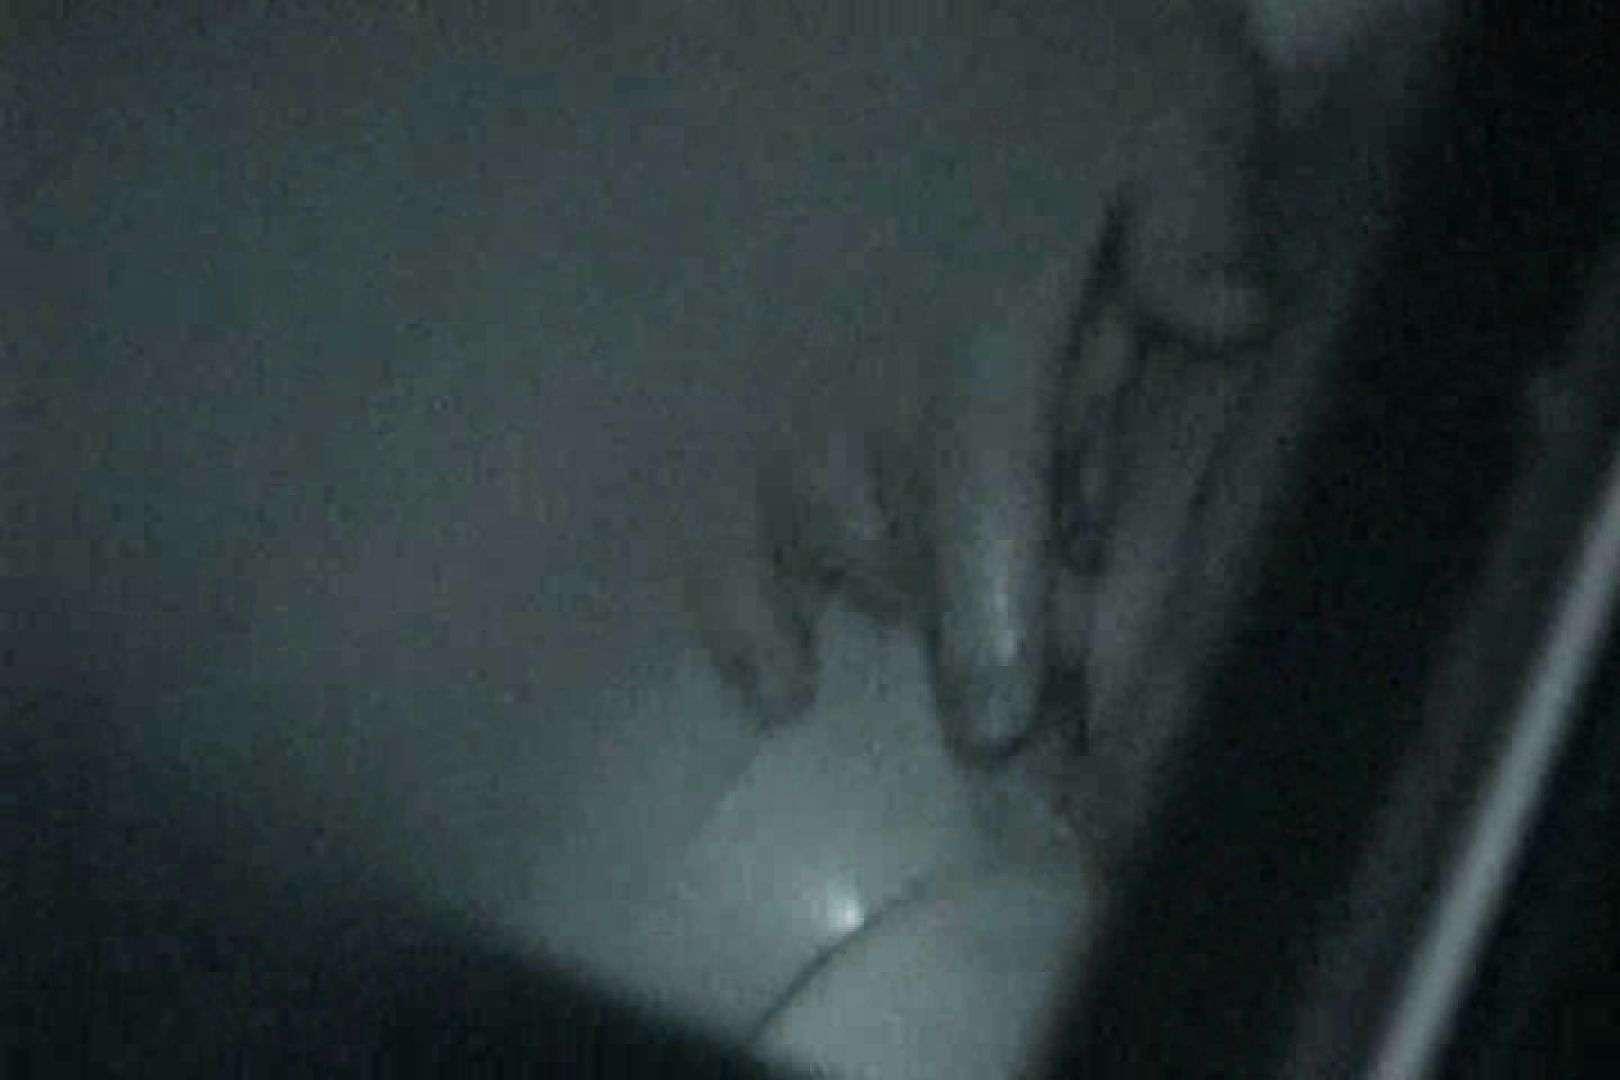 充血監督の深夜の運動会Vol.135 OLエロ画像 のぞき動画画像 22PICs 14